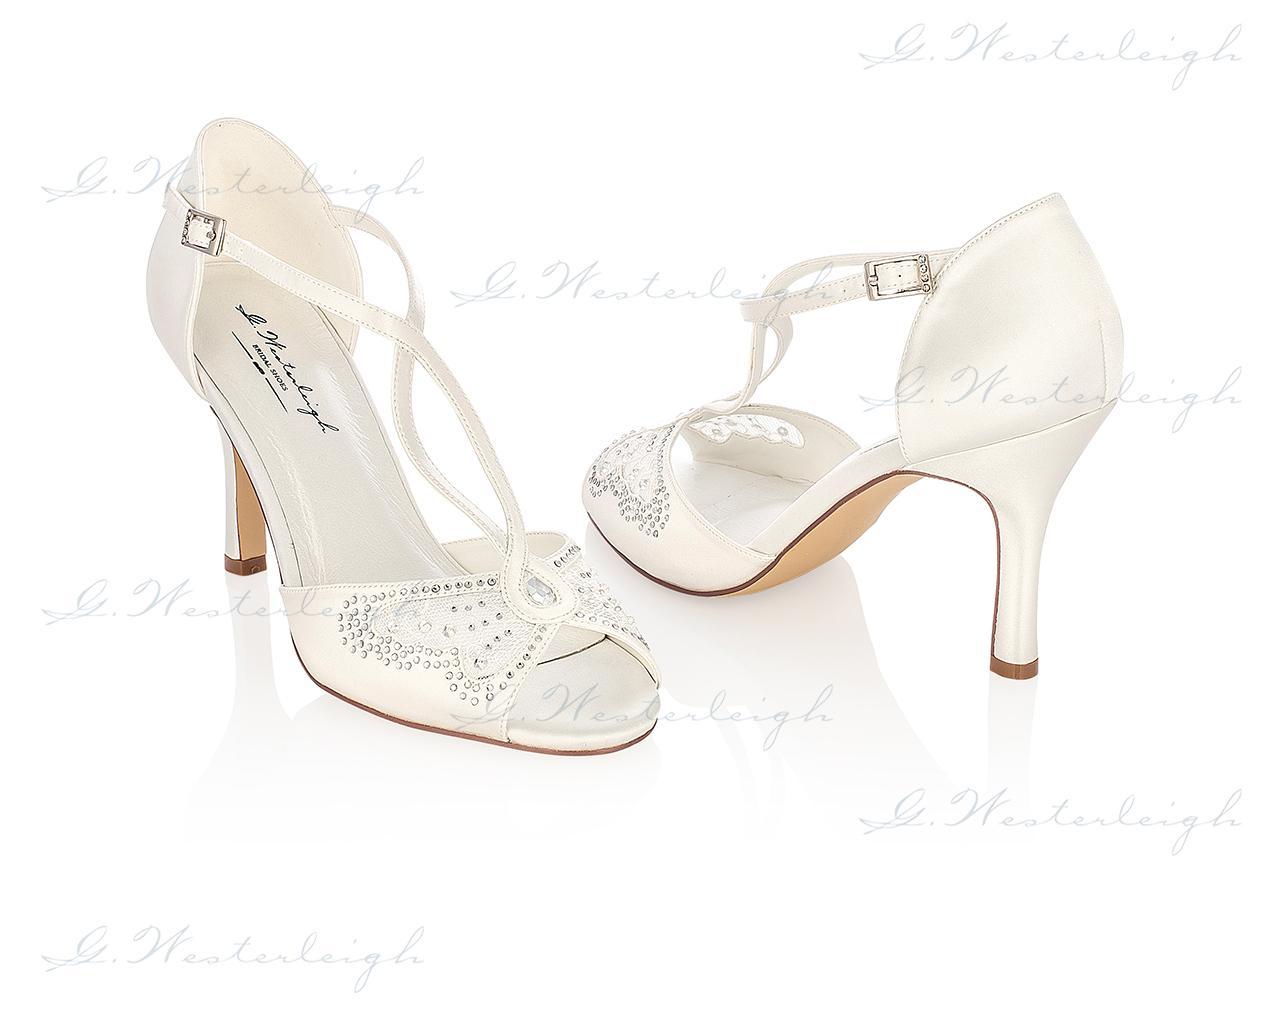 Svadobné topánky Adriana, G.Westerleigh veľ. 35-41 - Obrázok č. 1